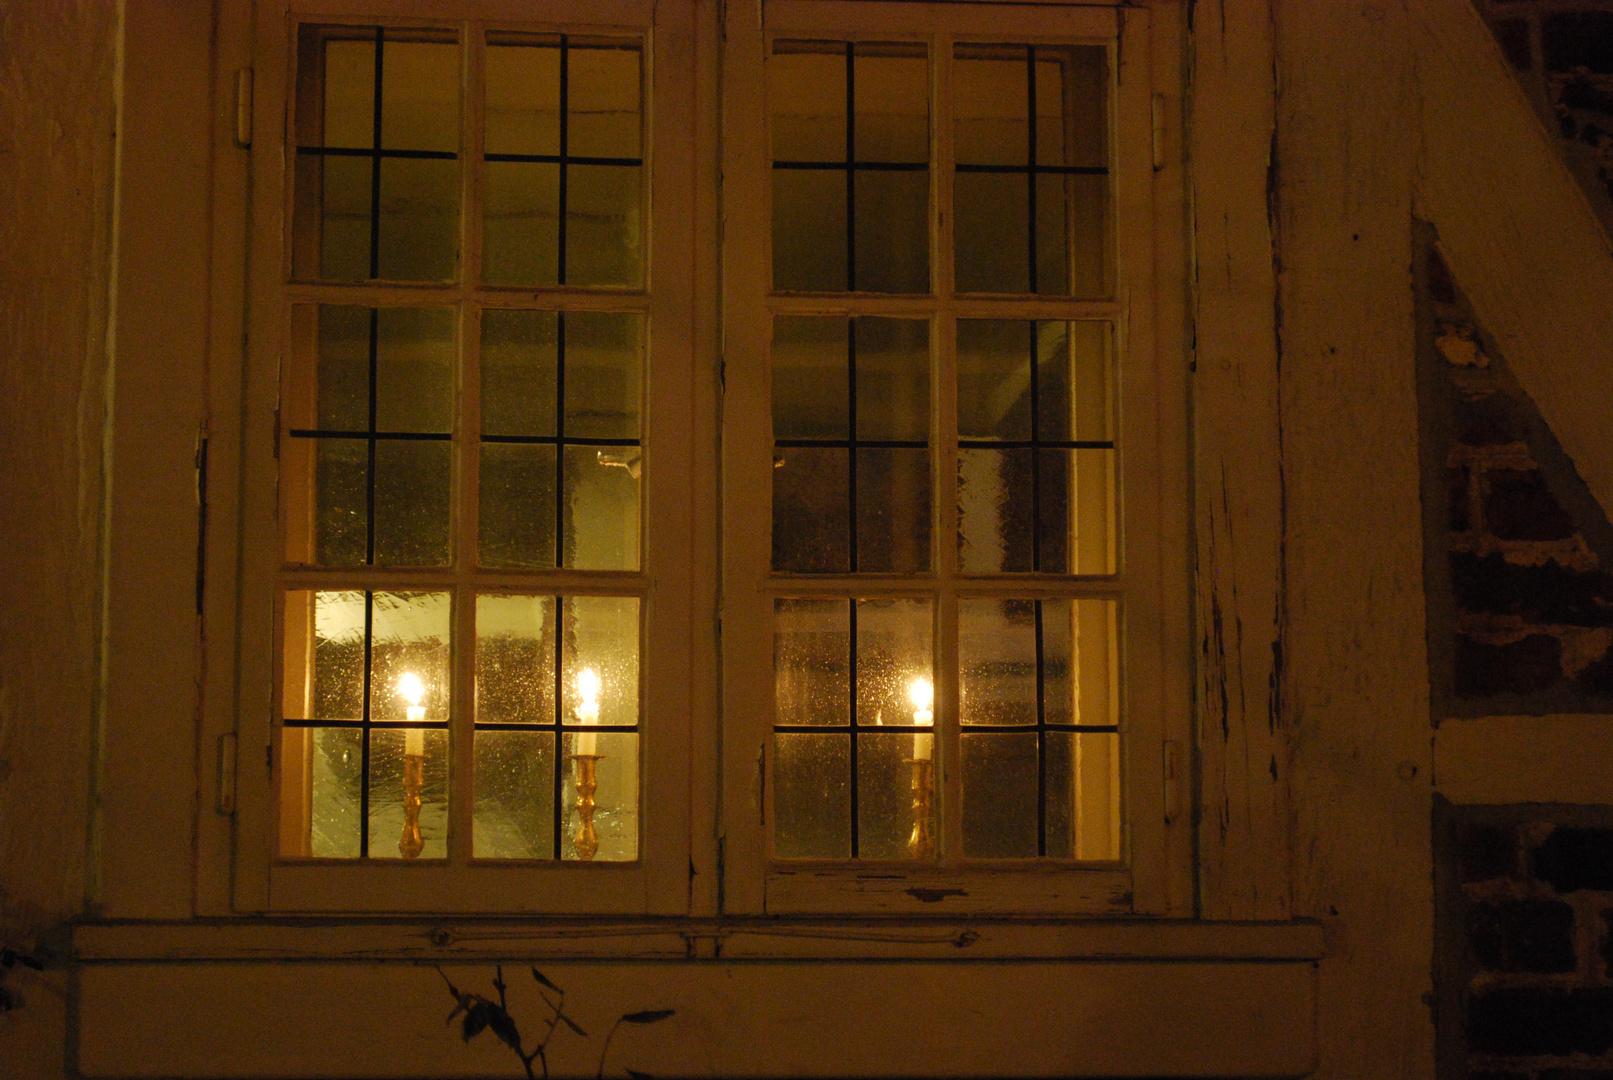 Kerzen im fenster foto bild lampen und leuchten for Fenster lampen